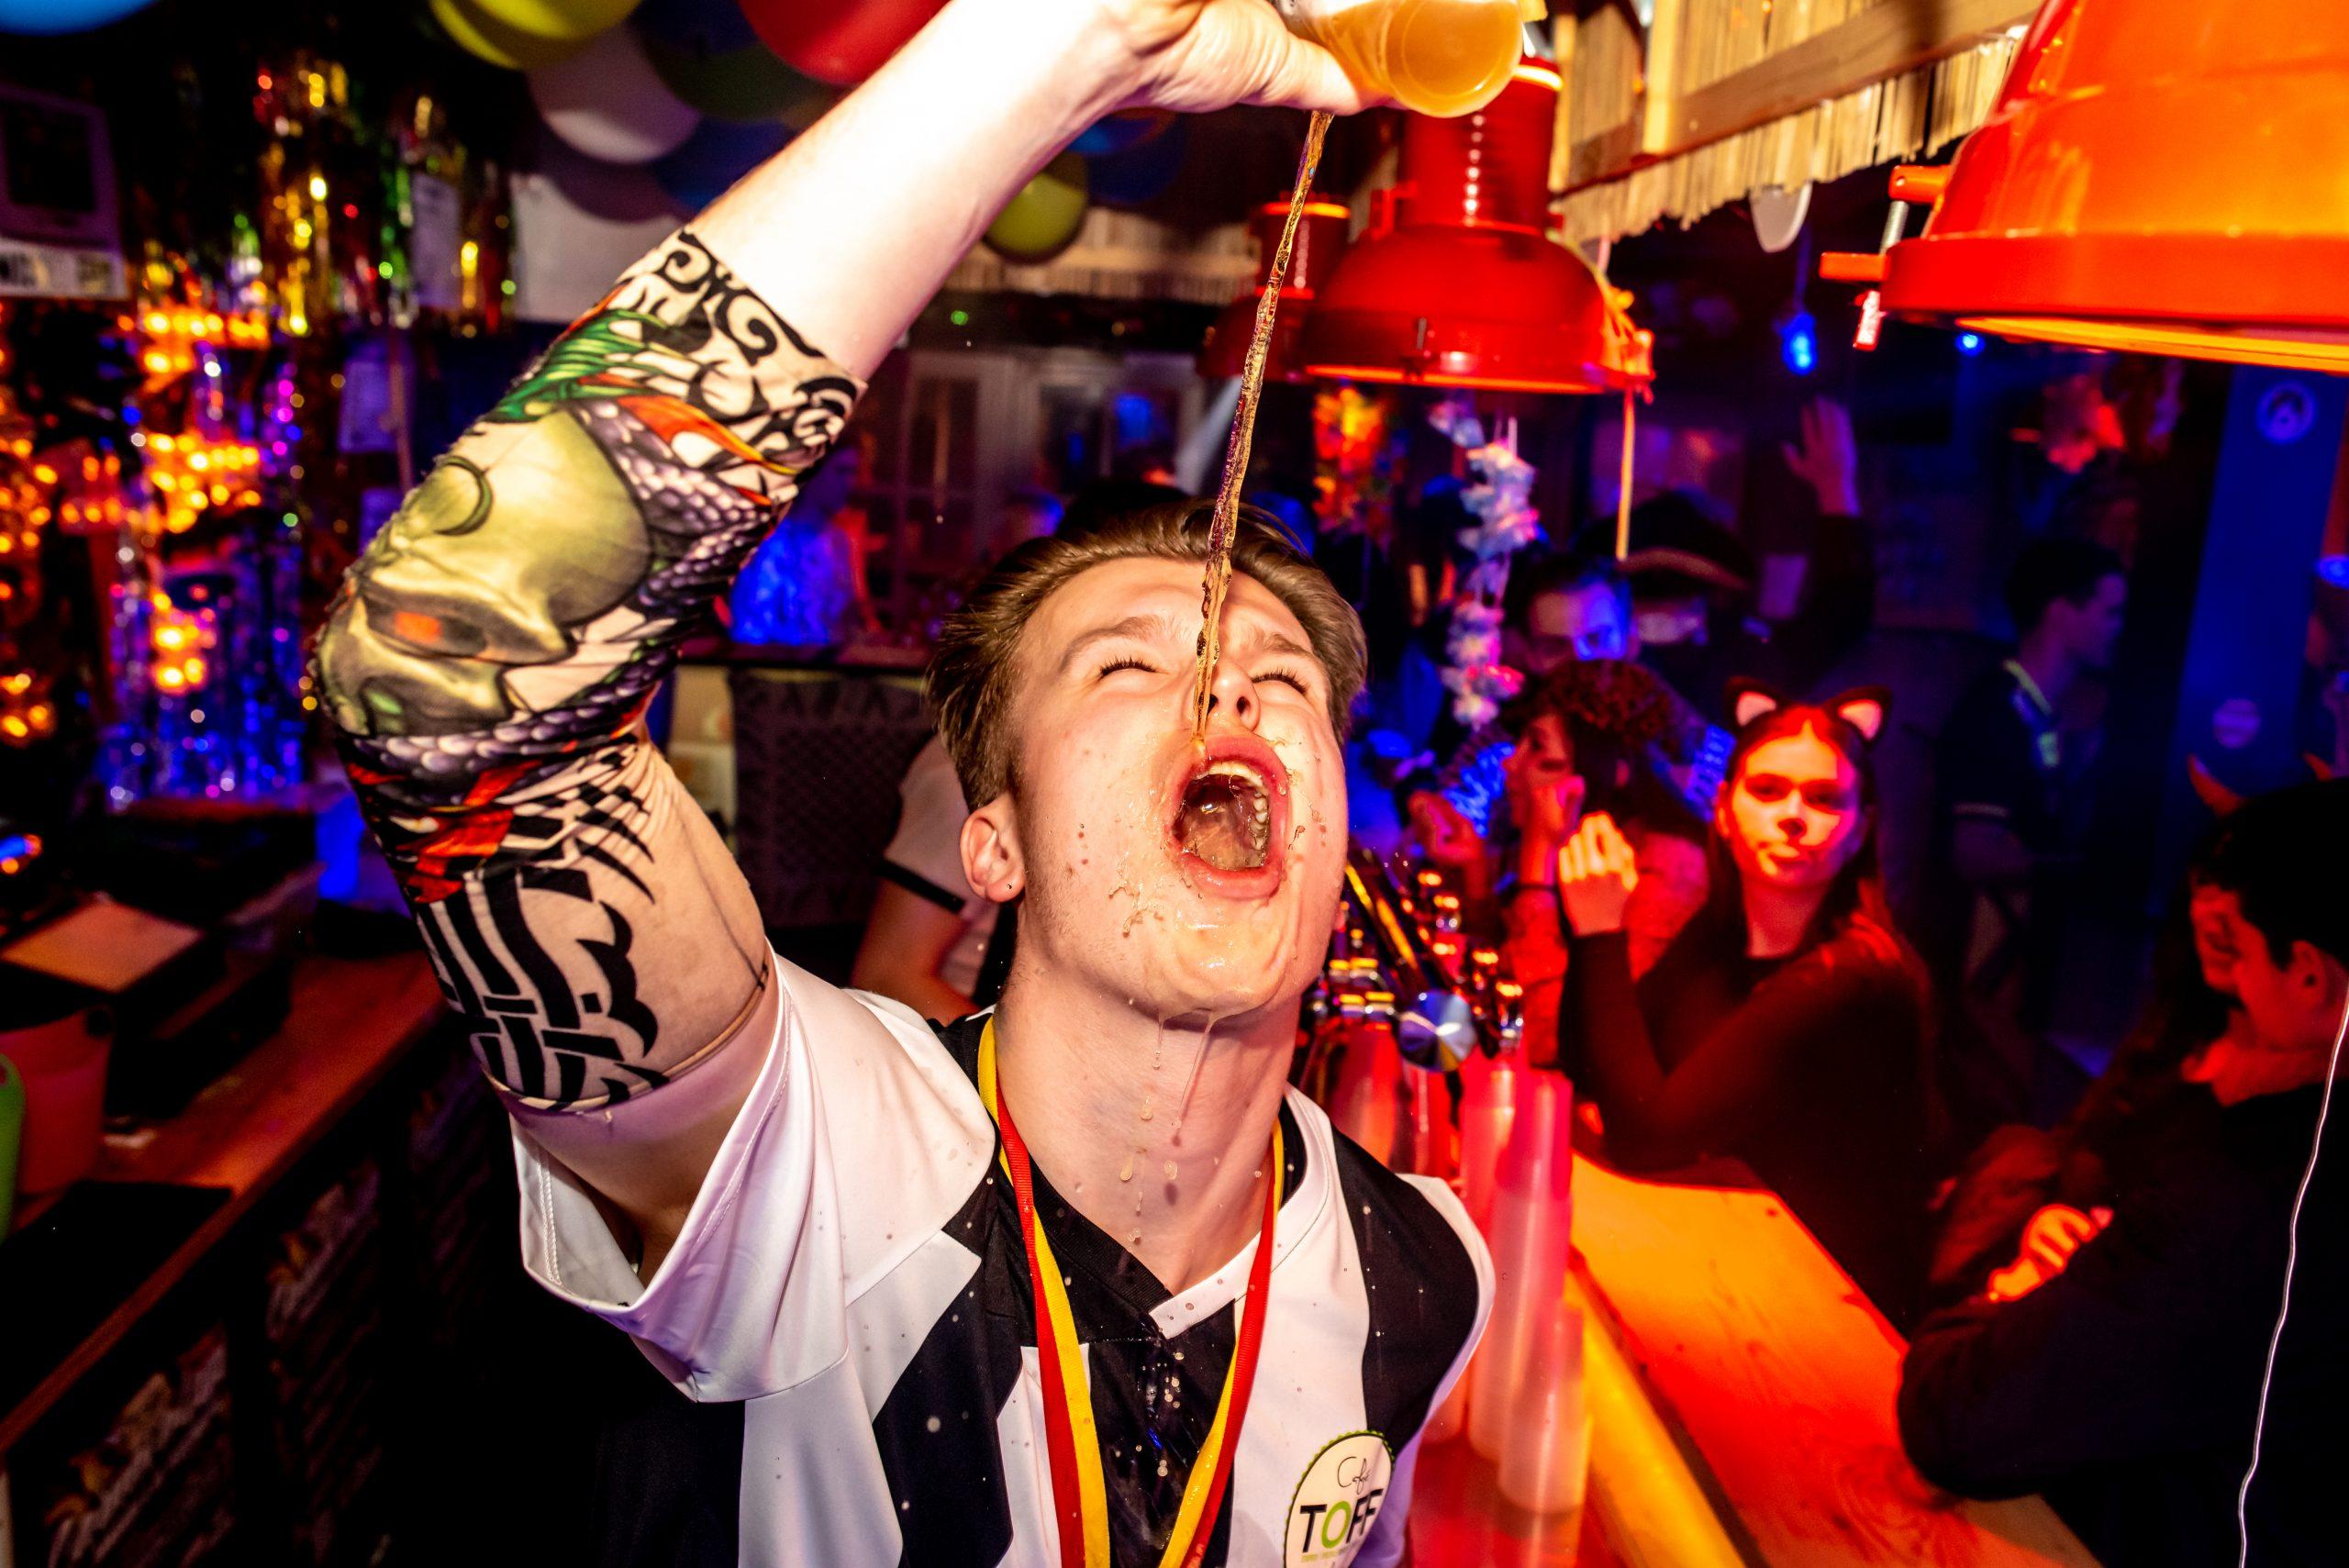 20200224_cafetoff-karnafestival-016